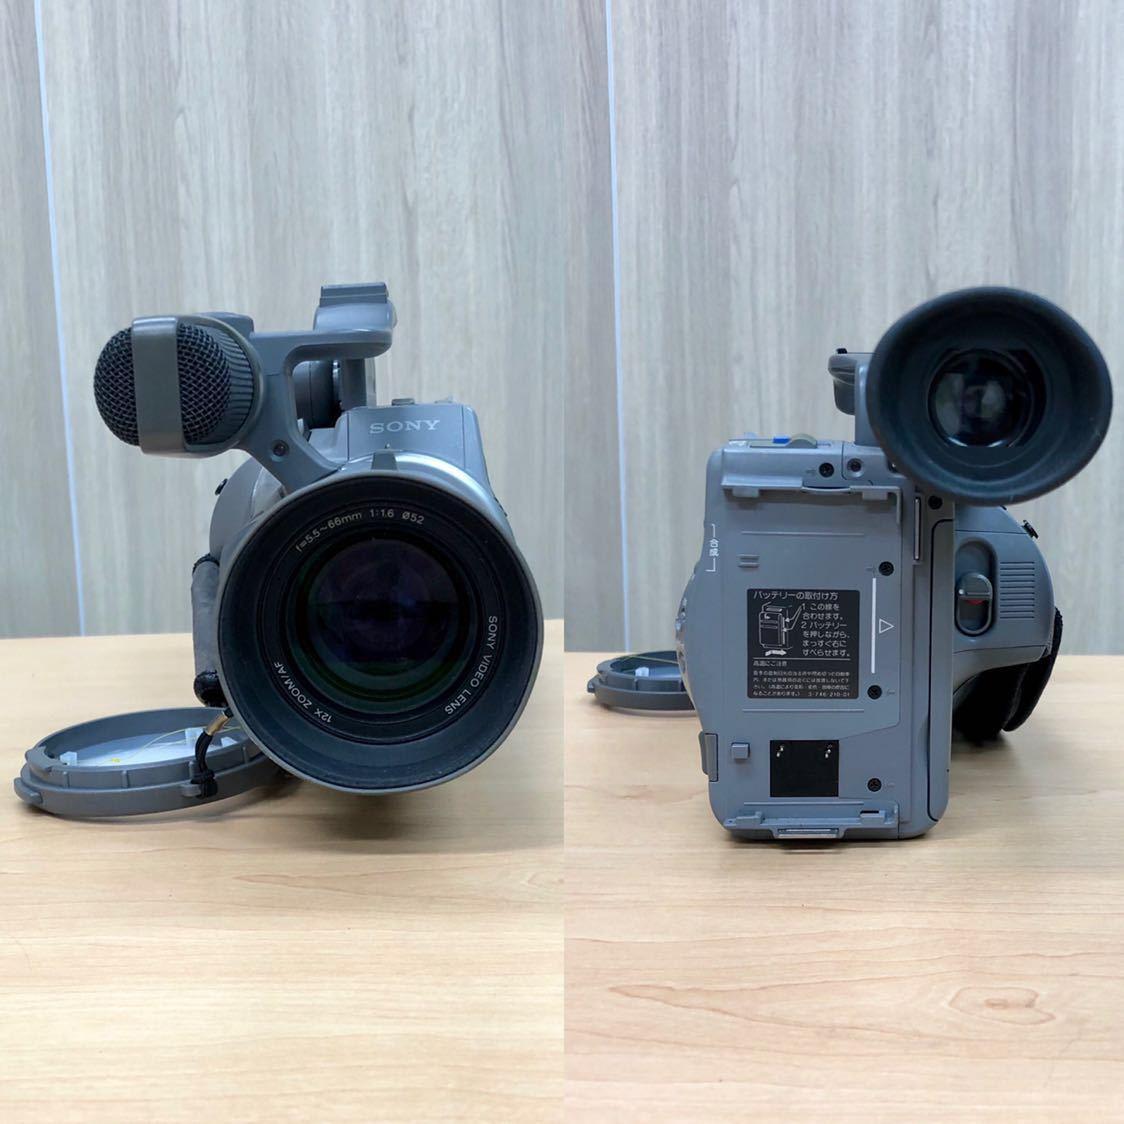 ジャンク品 SONY ソニー video Hi8 Handycam 2点おまとめ / CCD-VX1・CCD-V700_画像4